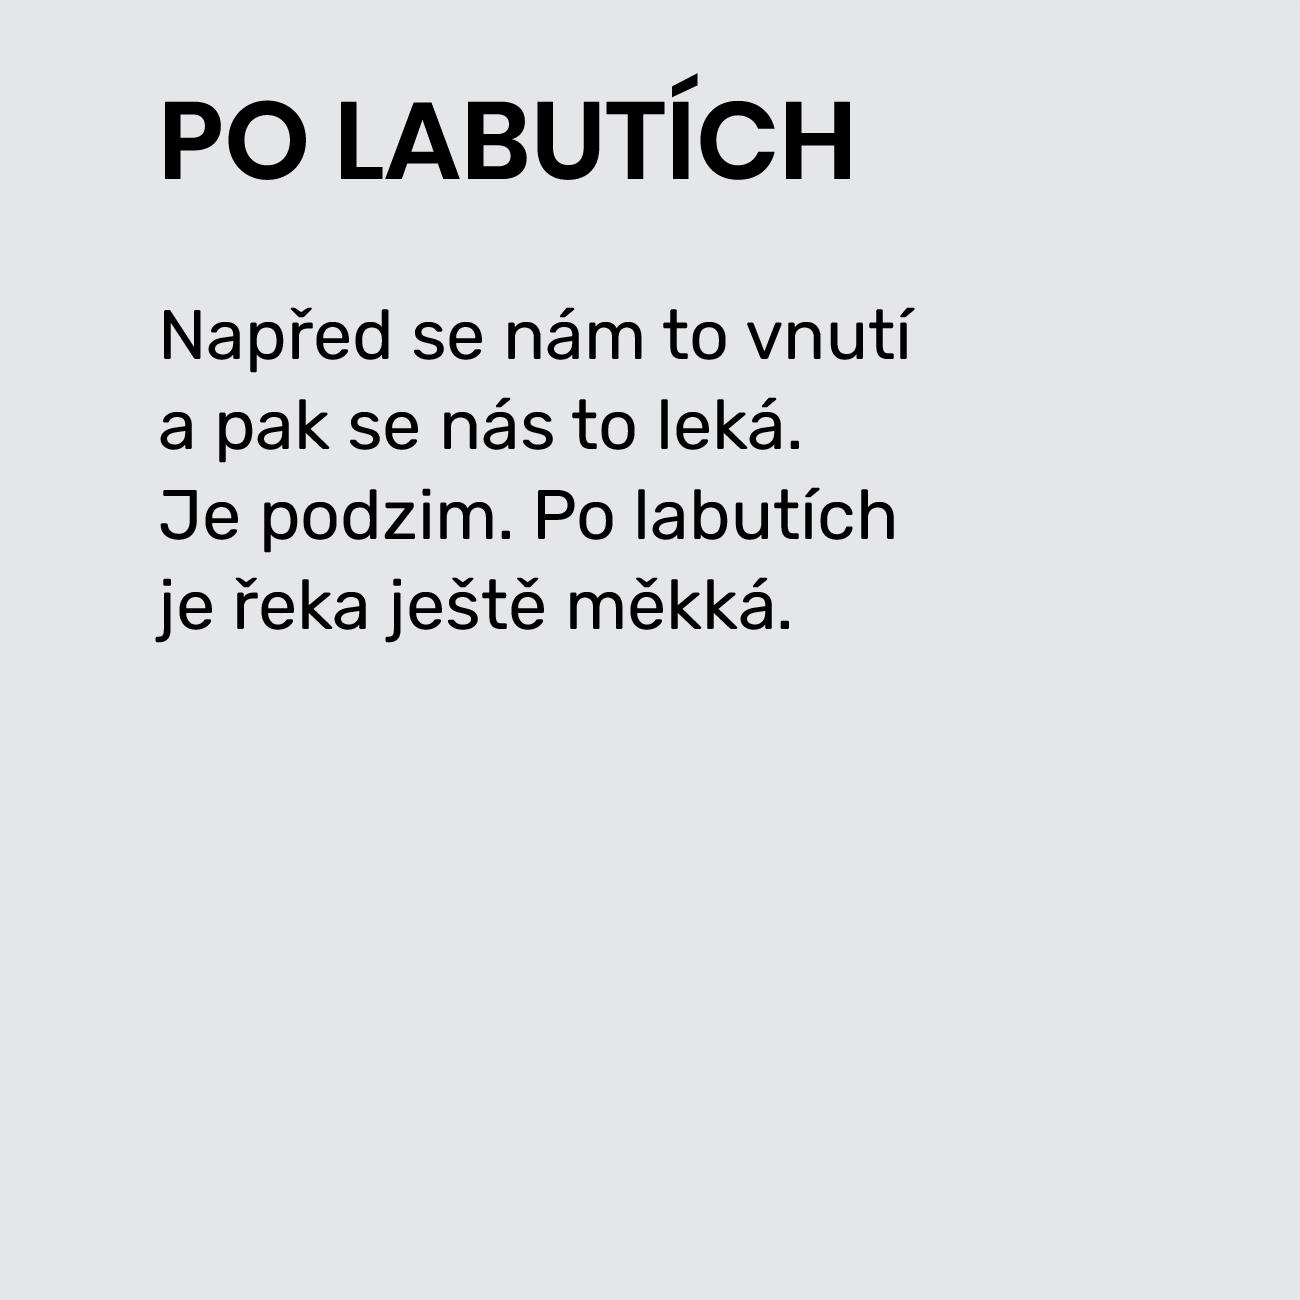 PO LABUTÍCH